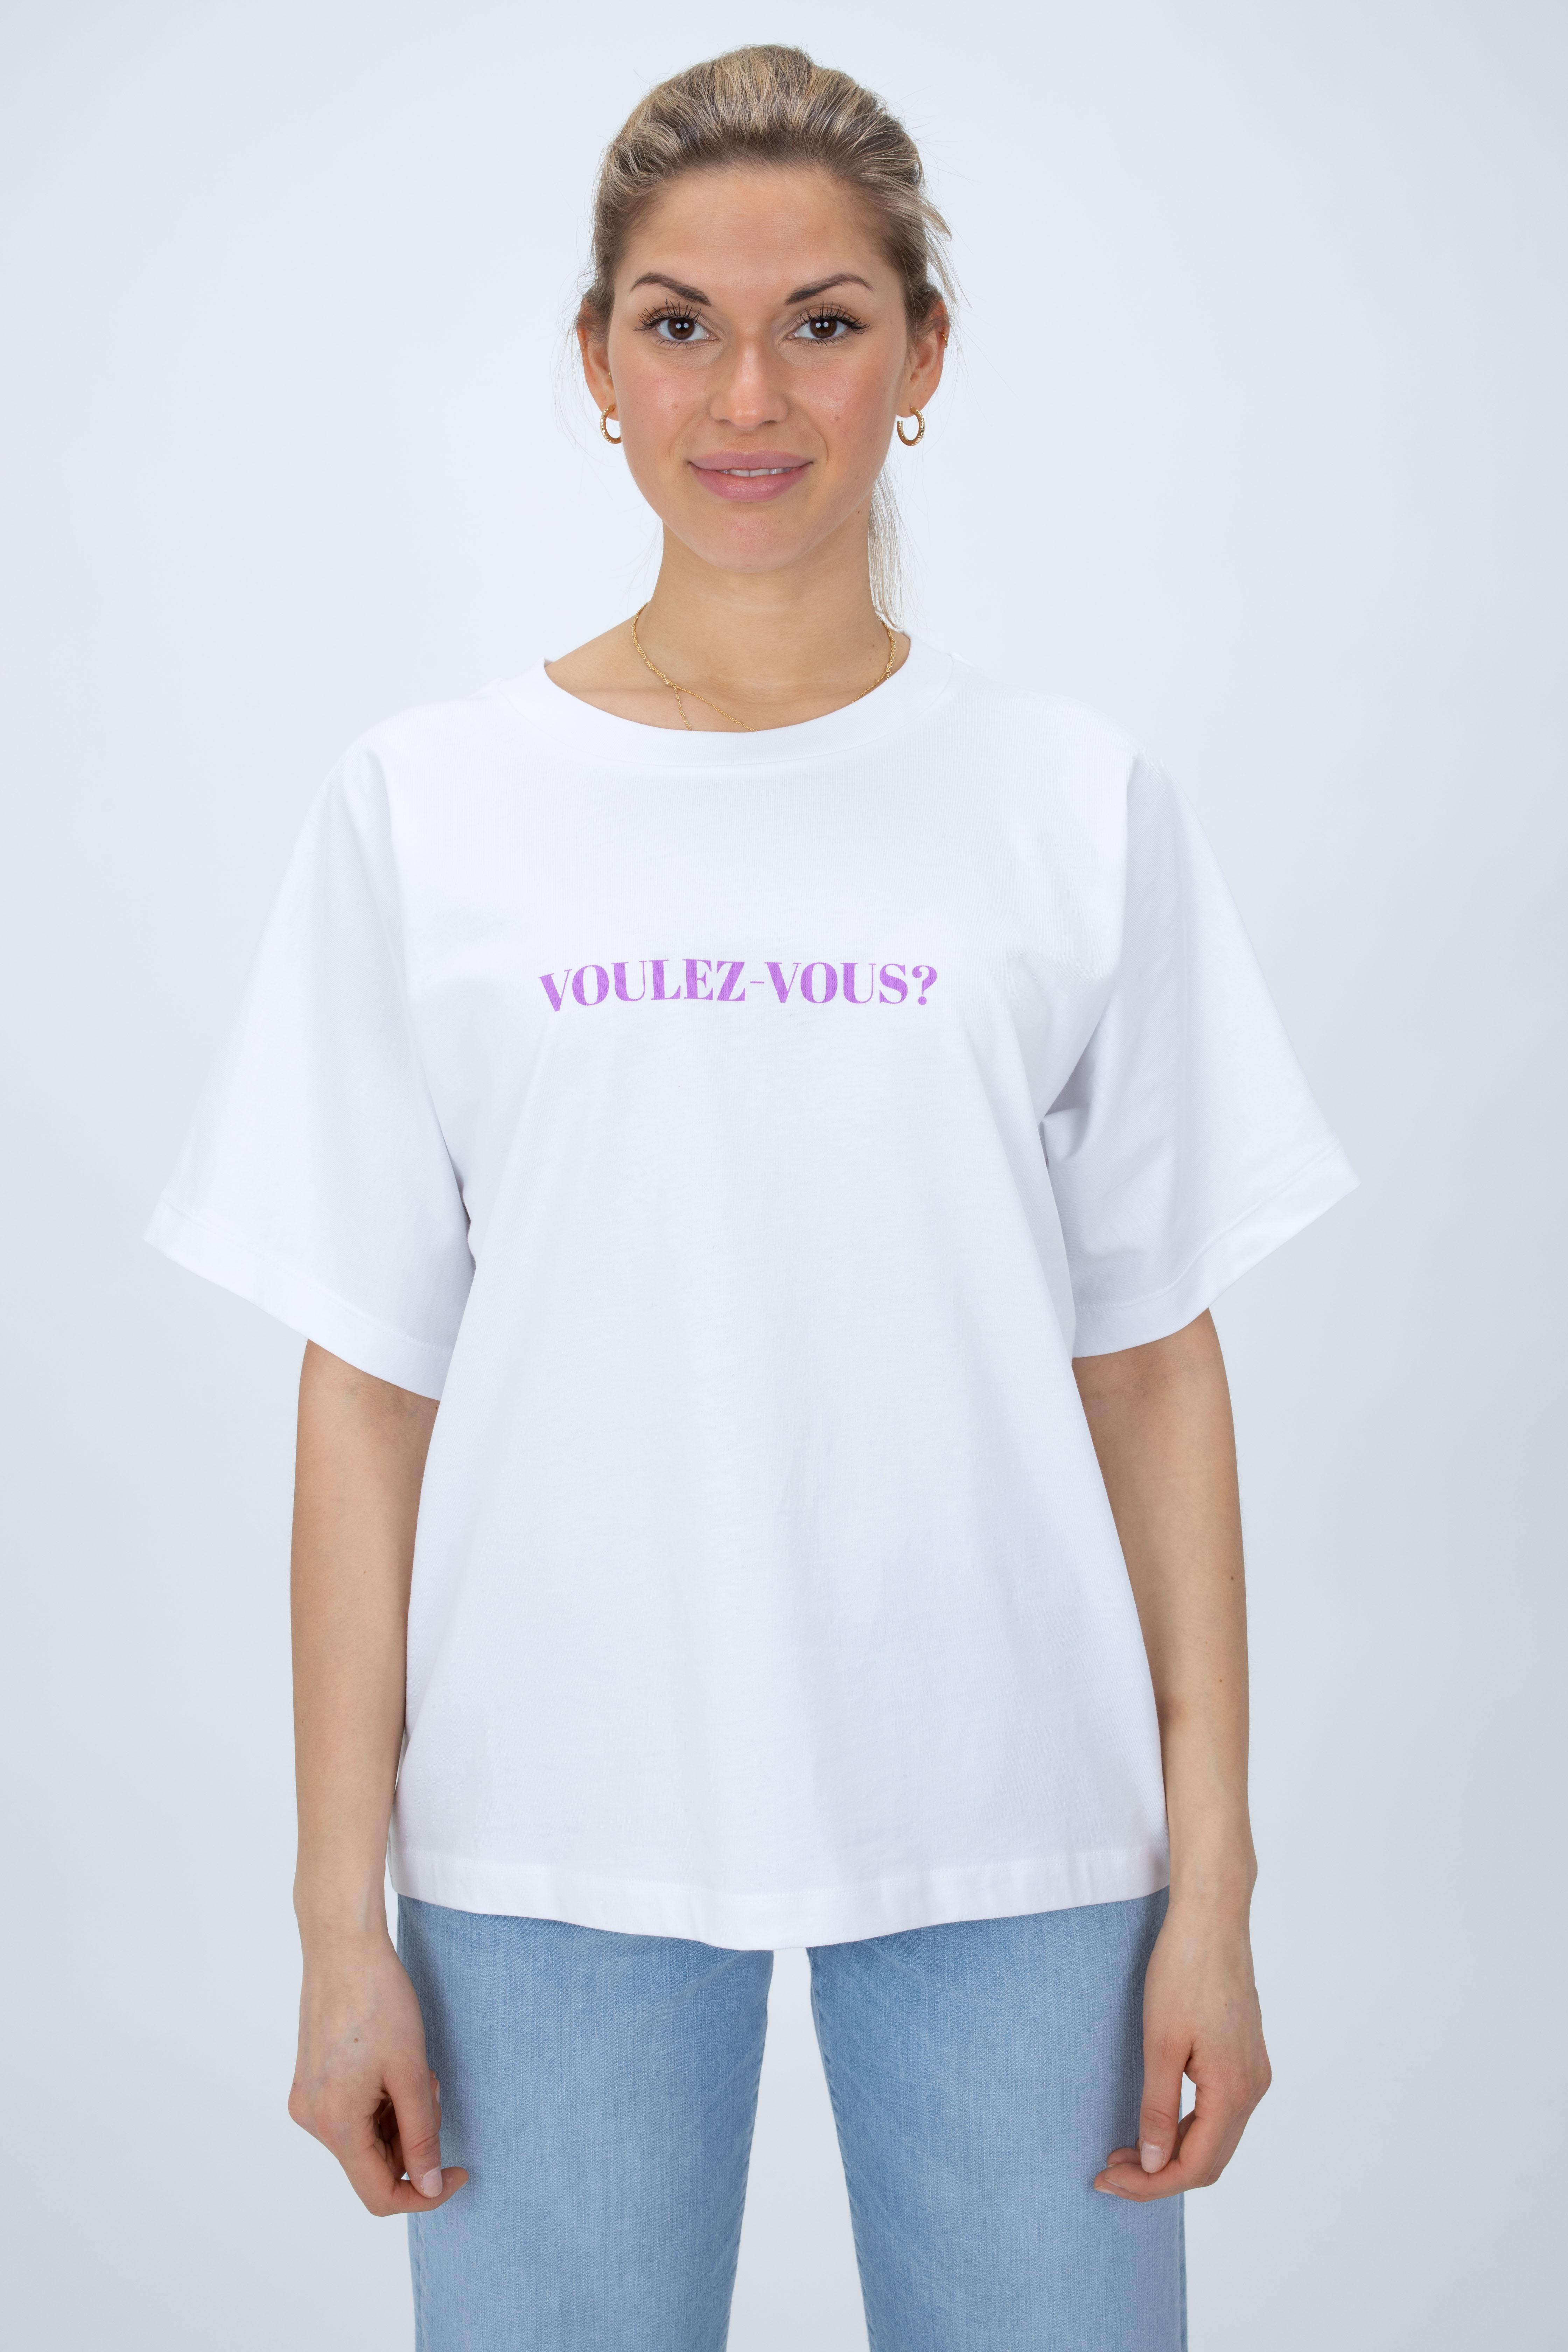 T-Shirt Zyad Voulez-Vous